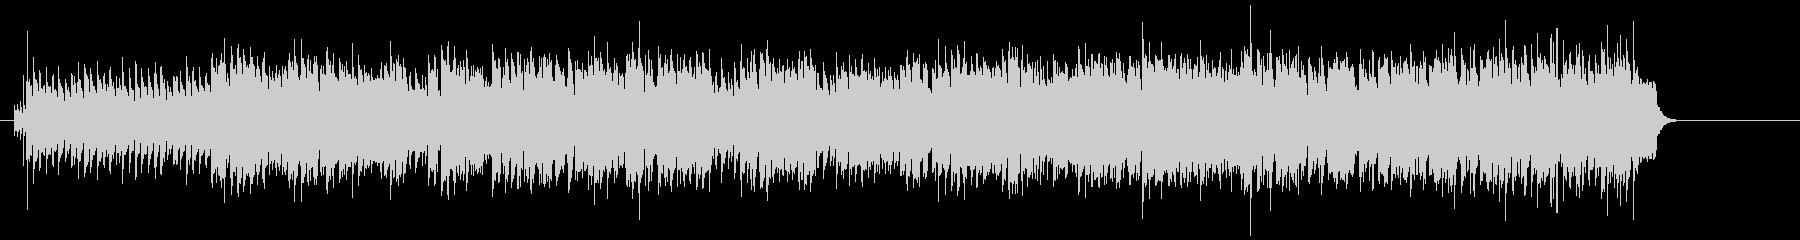 4ビートのリズムが効いた粋なR&Rの未再生の波形